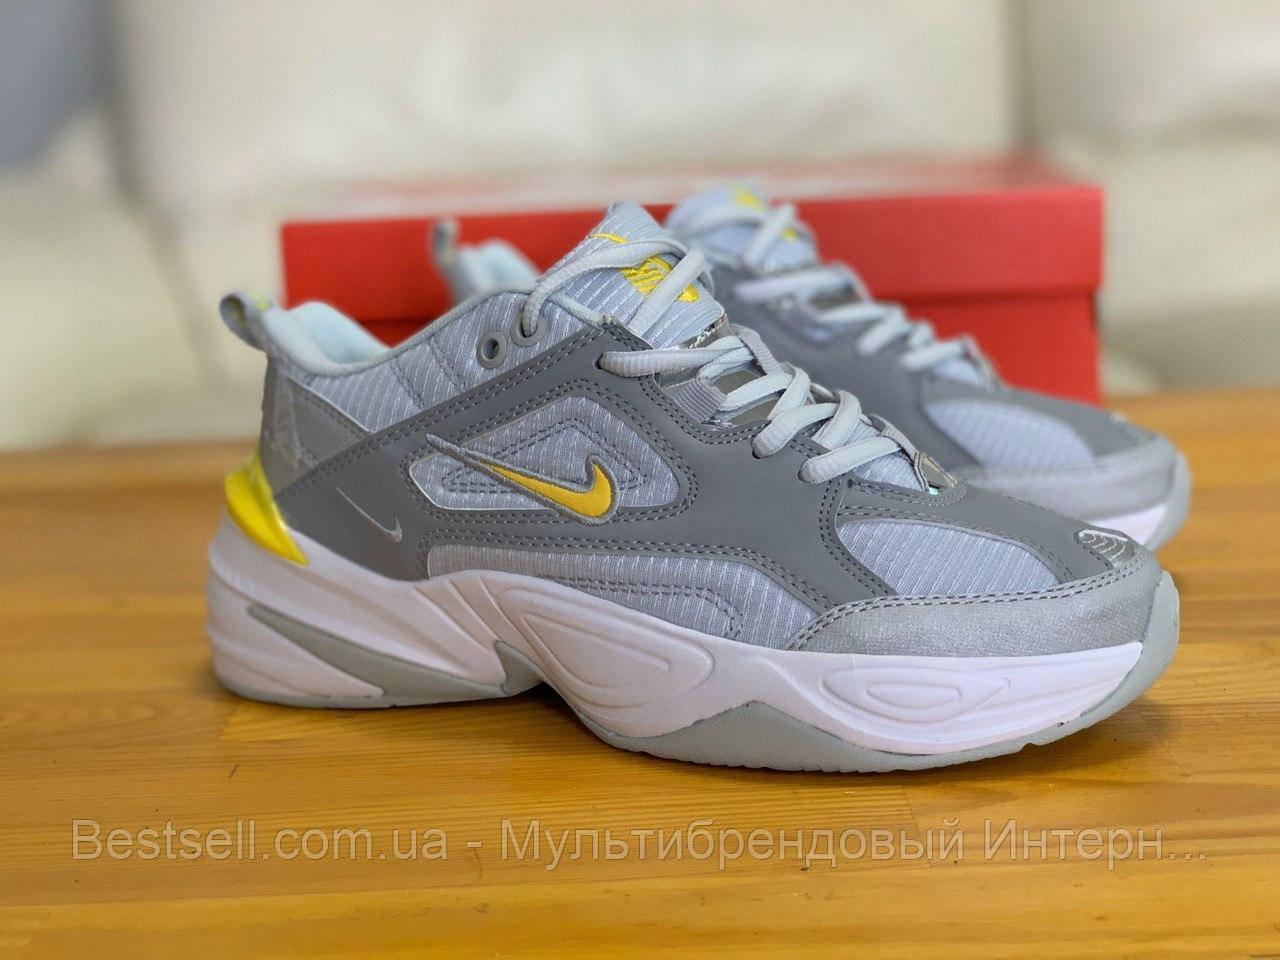 Кросівки натуральна шкіра Nike M2K Tekno Найк М2К Текно (36,40)